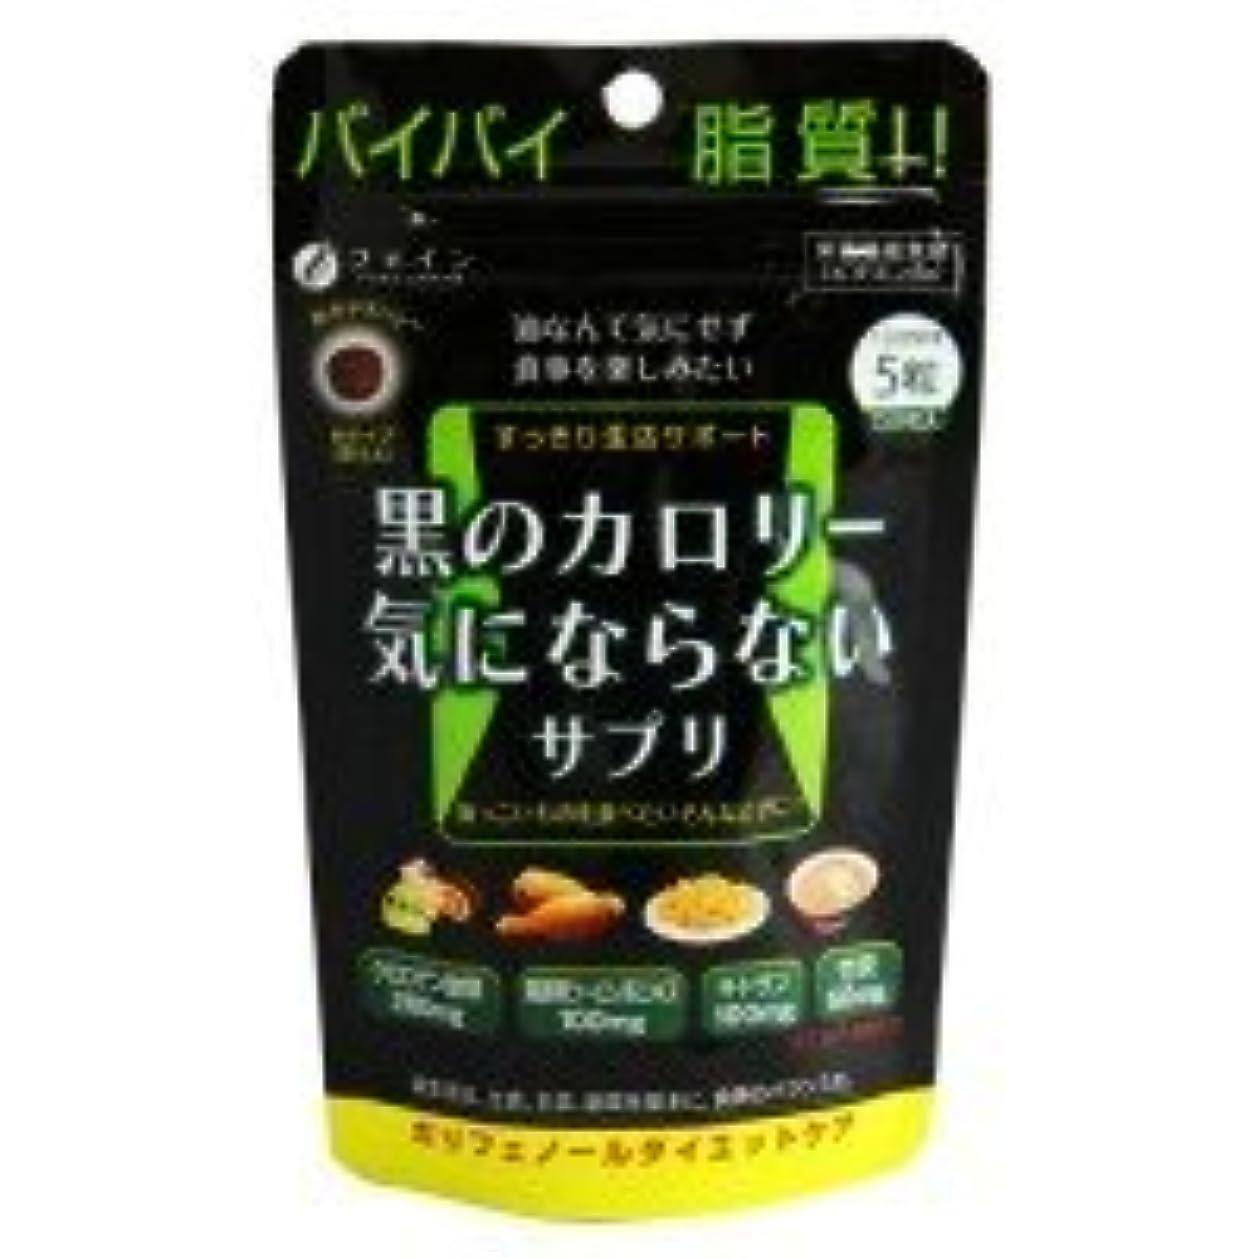 体系的に小石怖がらせるファイン 黒のカロリー気にならない 栄養機能食品(ビタミンB6) 30g(200mg×150粒)